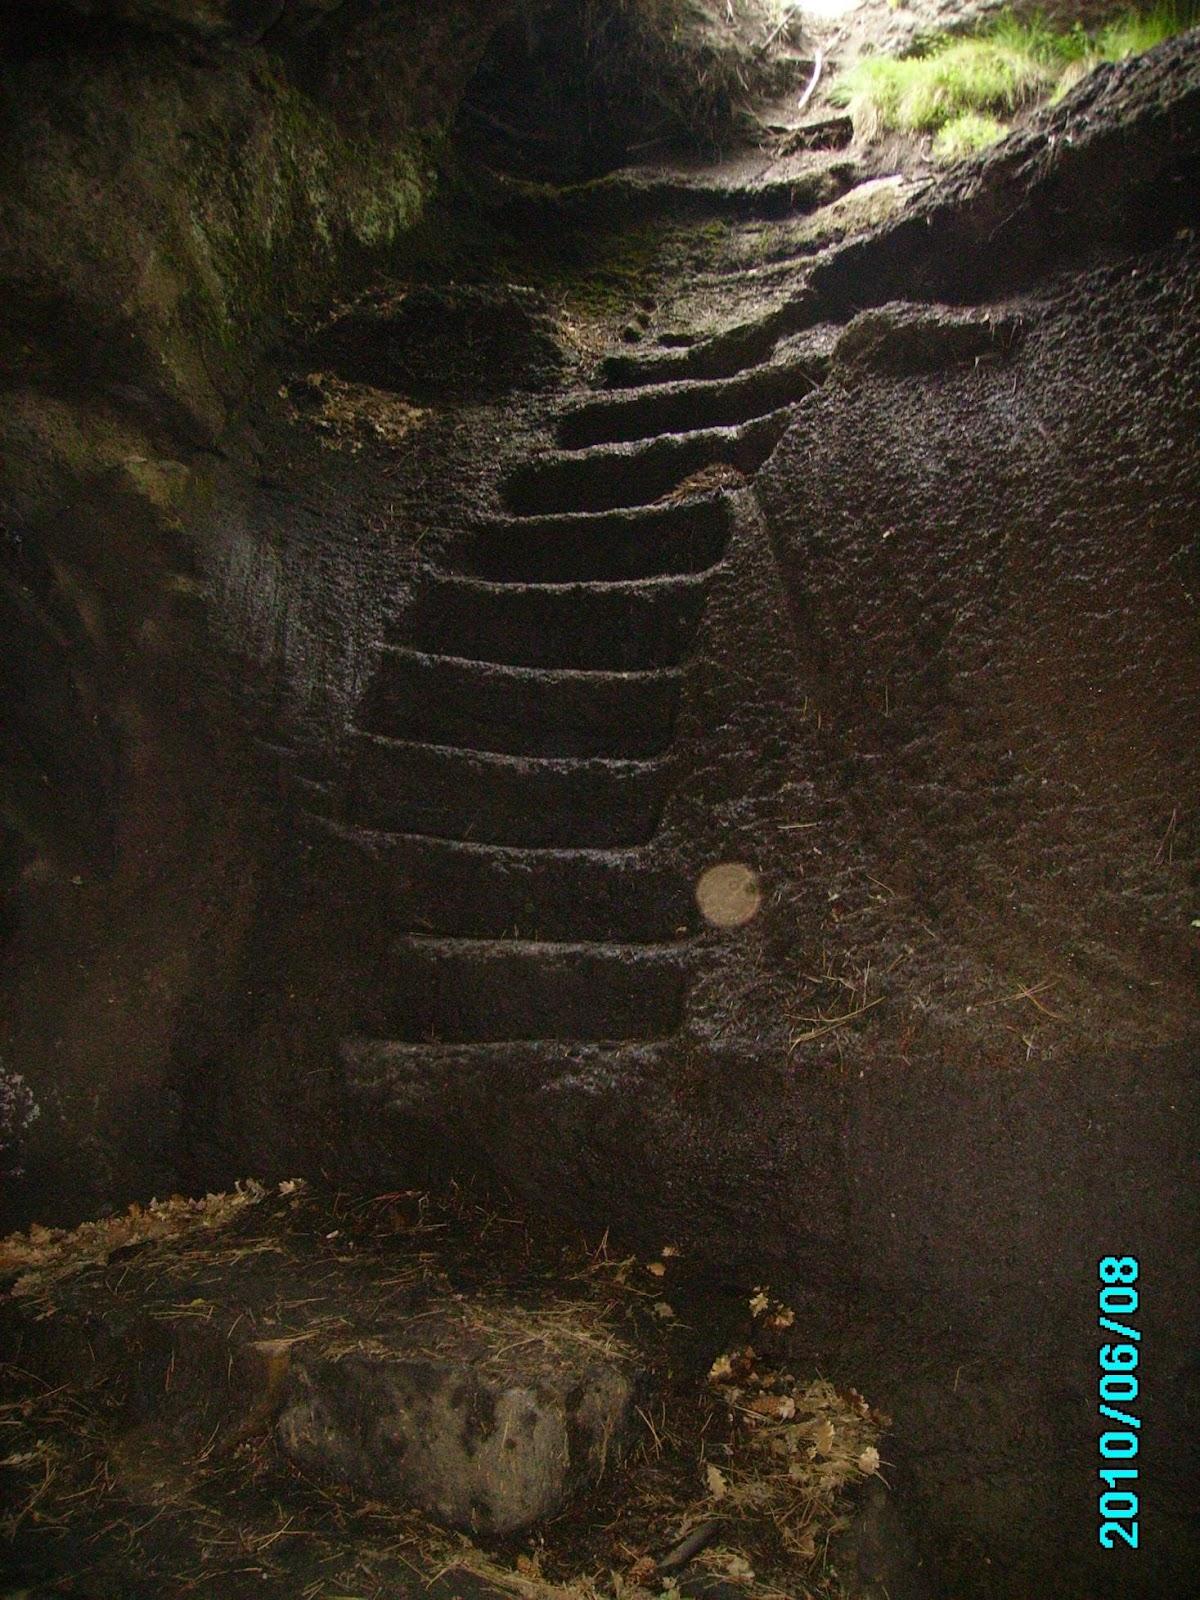 F:\FOTO\Foto elettroniche di Pietro\2010.06.08.10. Etna, Grotta dei Ladroni..JPG